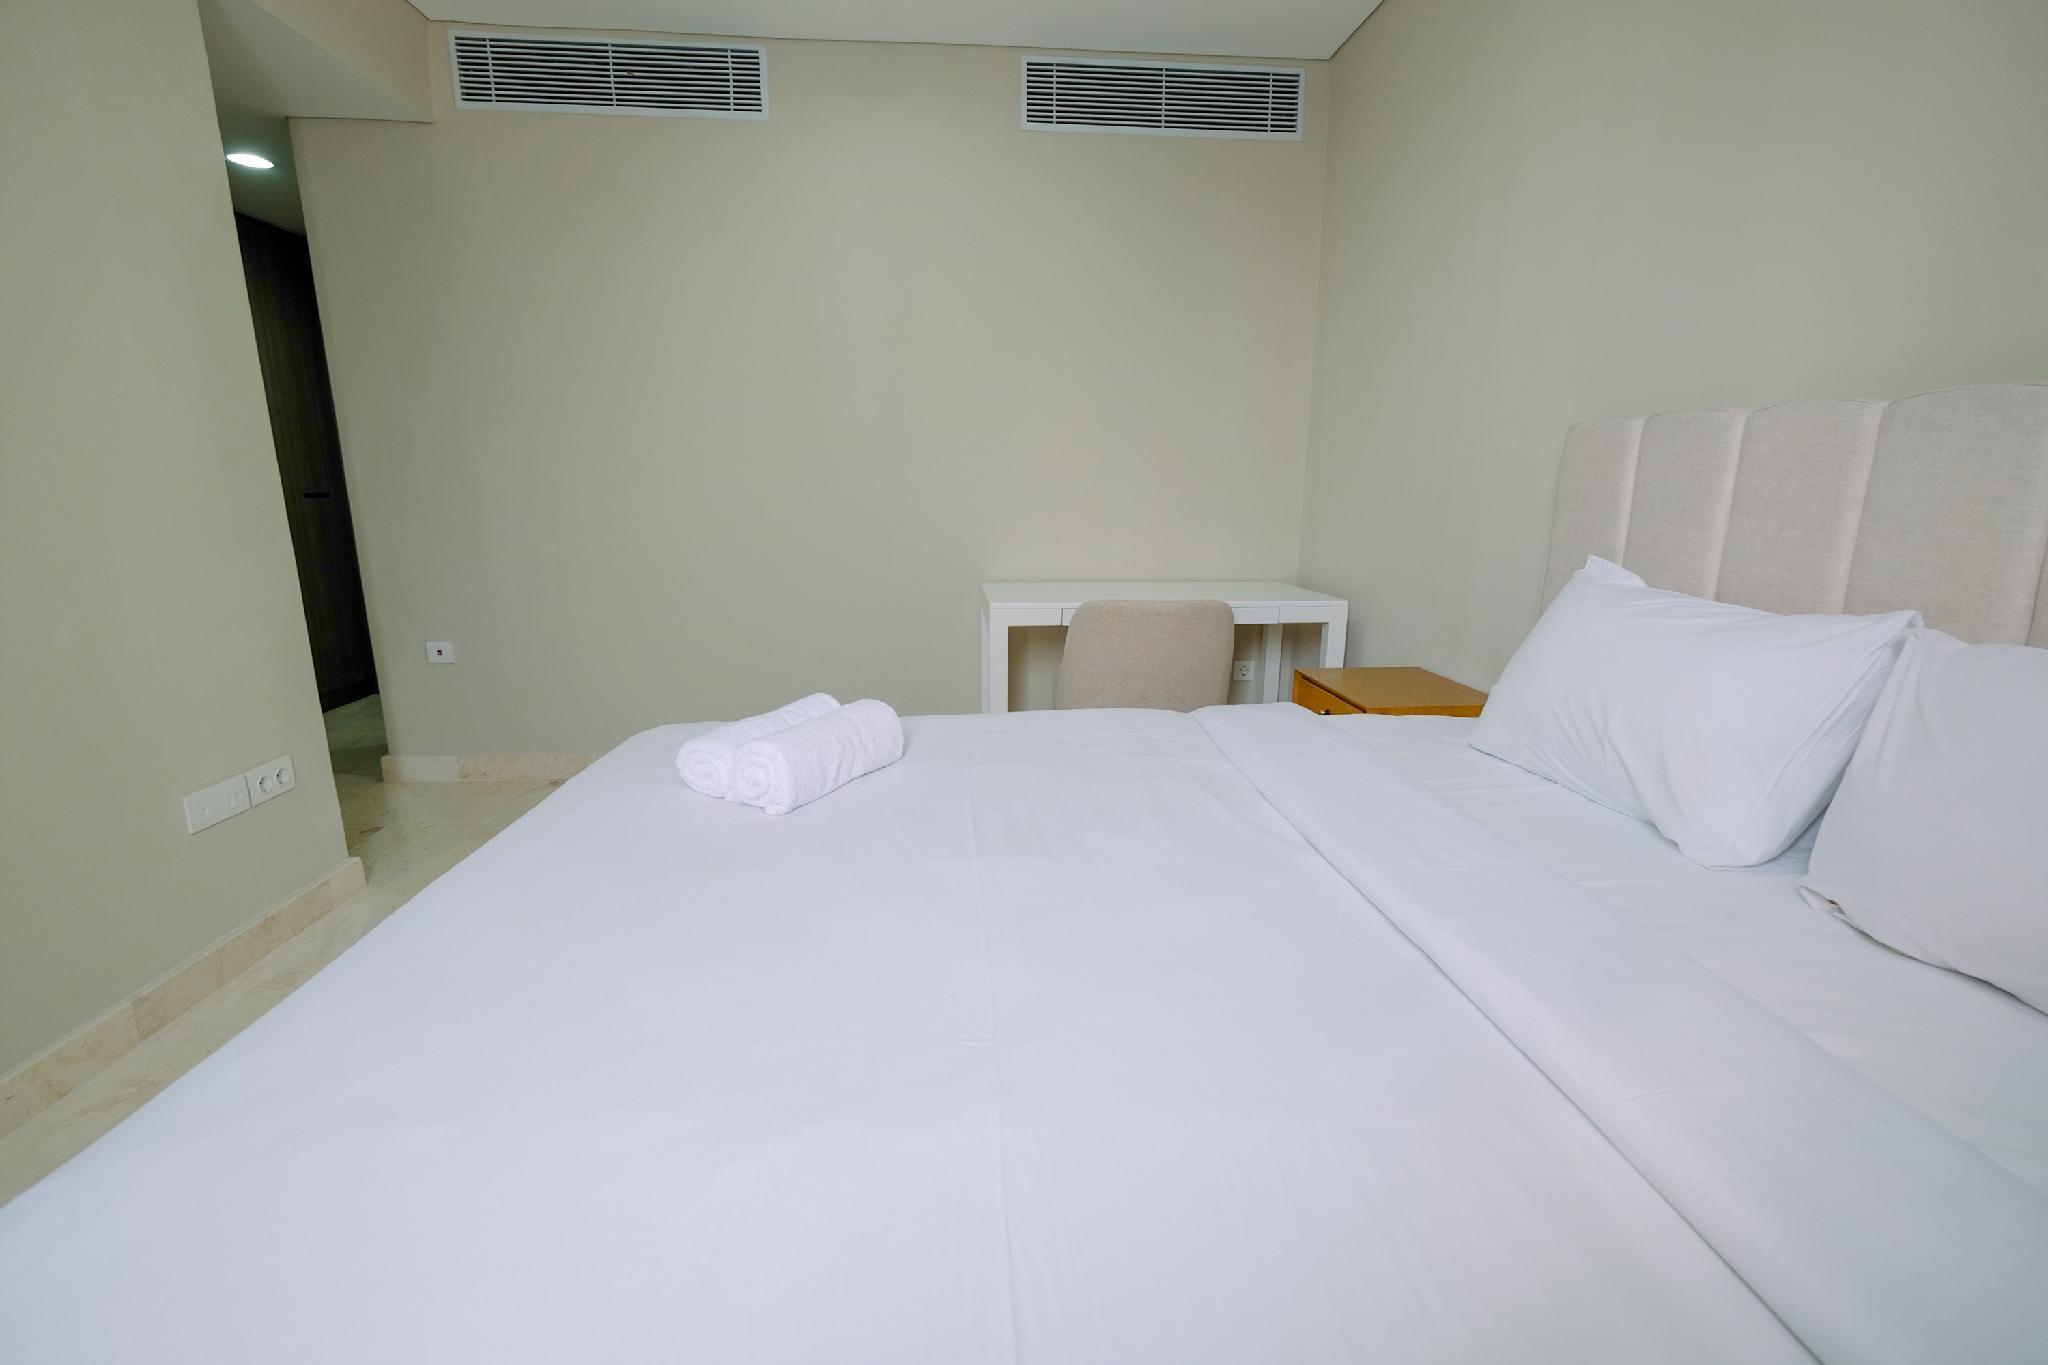 Luxury 2BR + 1BR Ciputra World 2 Apartment By Travelio